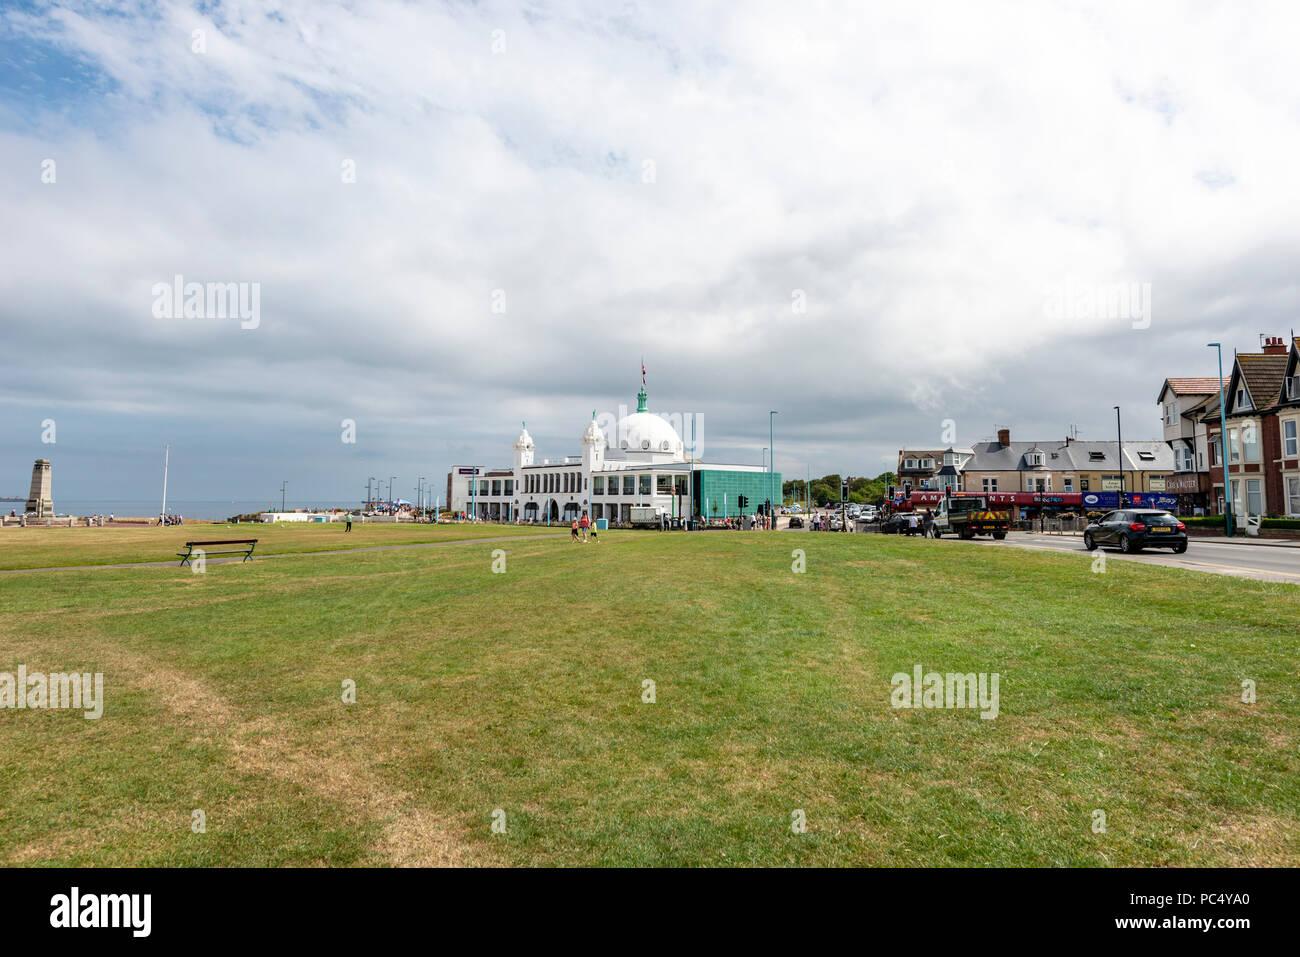 Spanische Stadt, Whitley Bay, North East England Stockbild